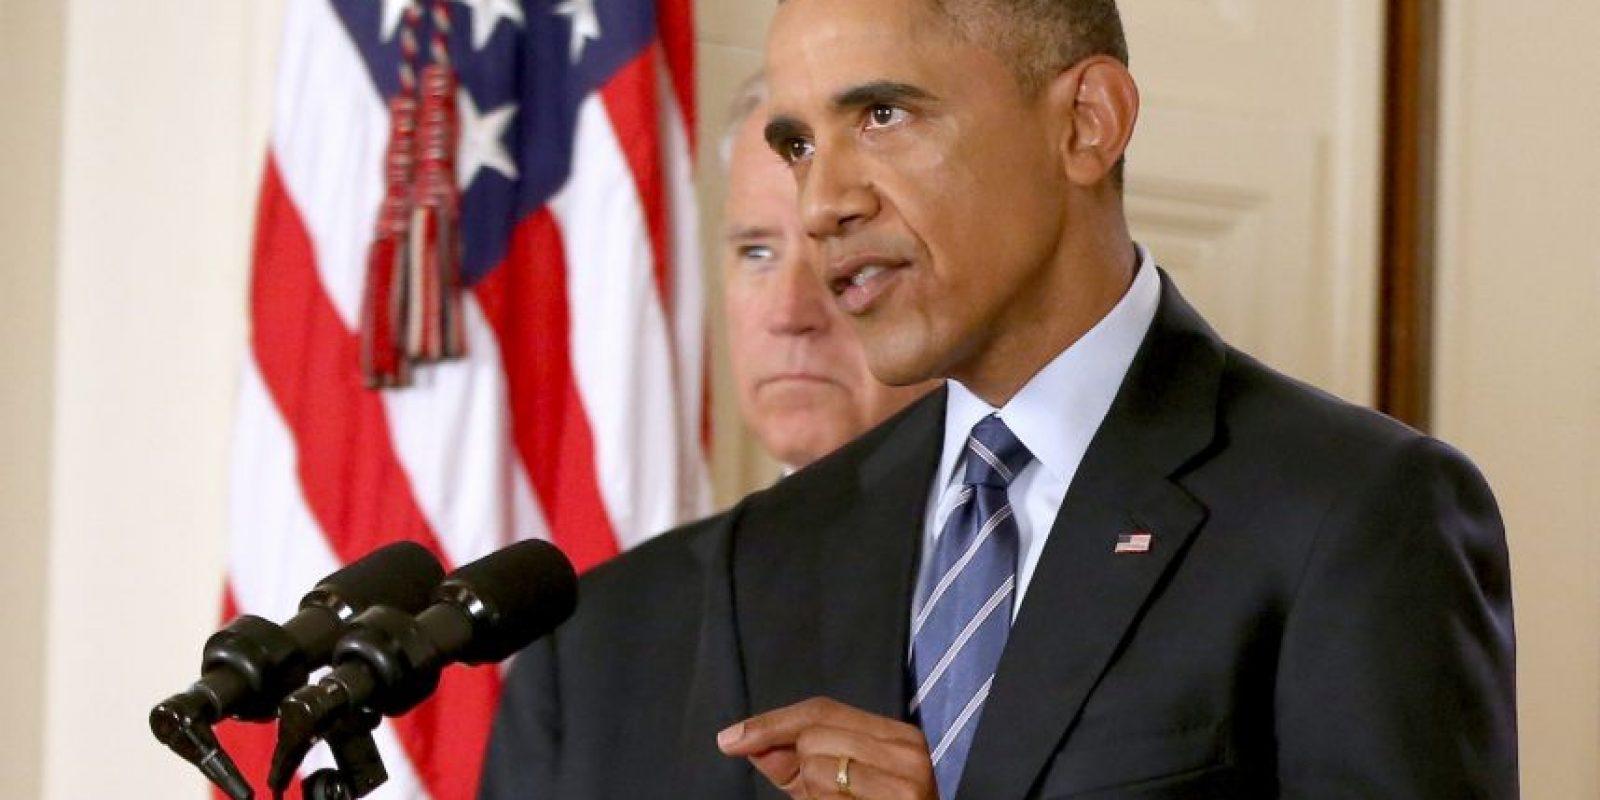 """En un mensaje desde Washington, el presidente de Estados Unidos, Barack Obama indicó que """"hace más de 50 años, Kennedy le dijo a los estadounidenses que nunca debemos negociar con miedo, pero que tampoco debemos tener nunca miedo a negociar"""". Foto:AFP"""